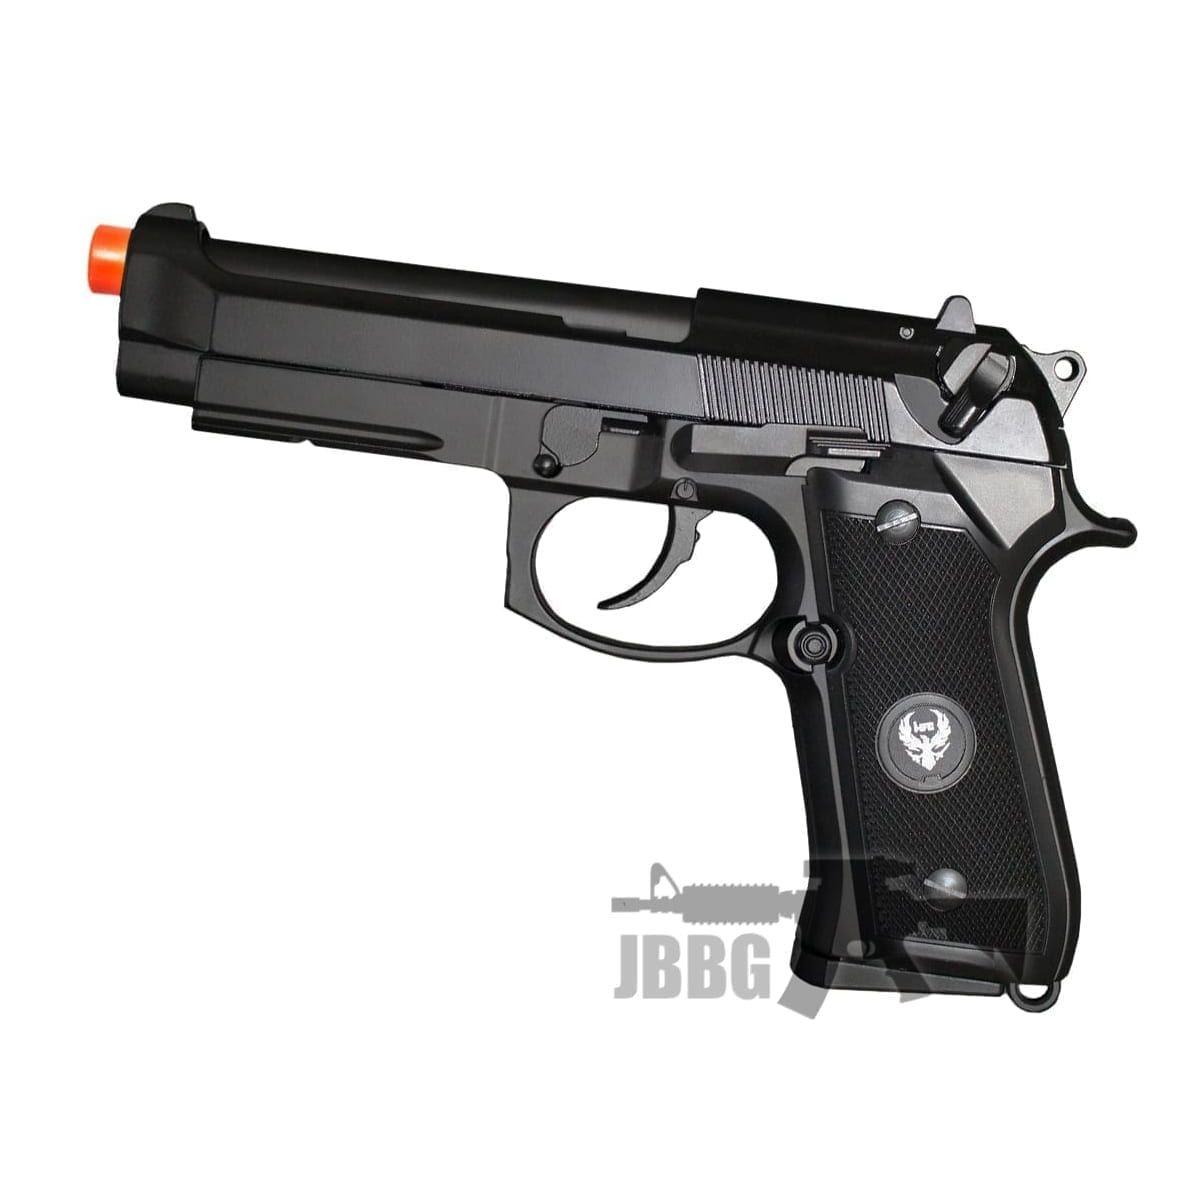 hg194 pistol